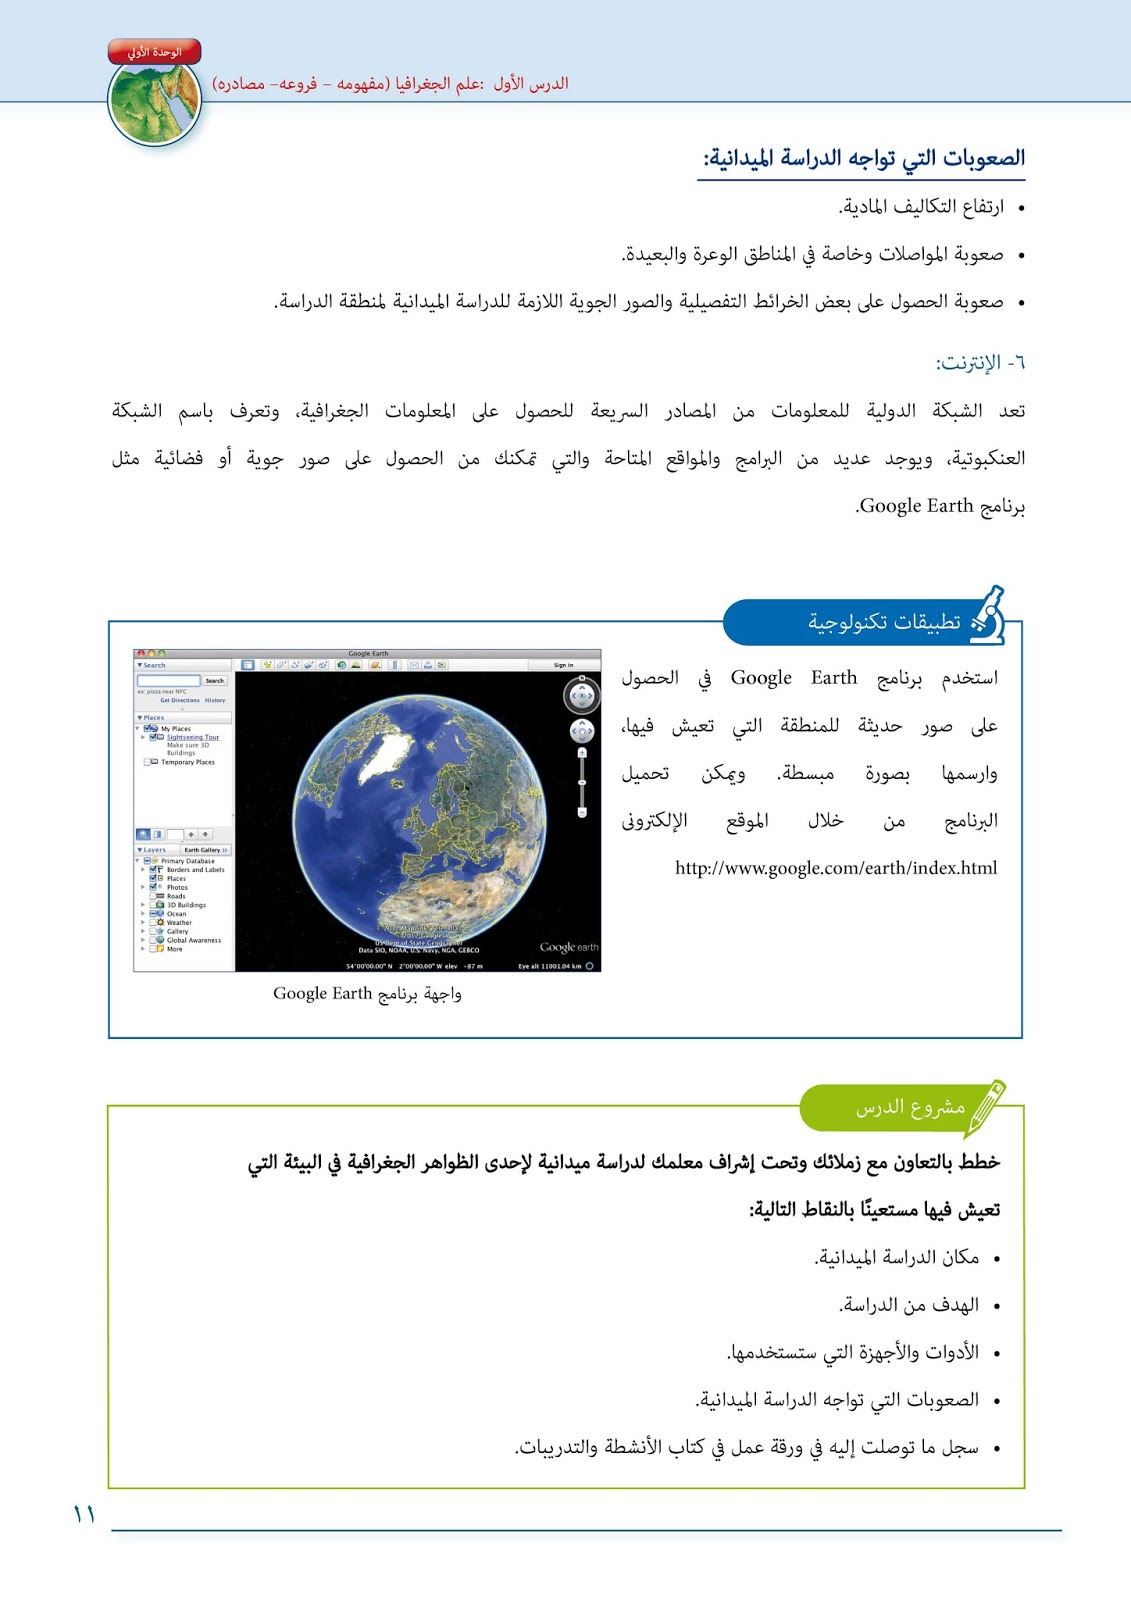 انفراد منهج الجغرافيا للصف الاول الثانوى 2013/2014 مناهج جديدة انفراد منهج الجغرافيا للصف الاول الثانوى 2013/2014 - صفحة 5 Geo+SEC+2013+U111